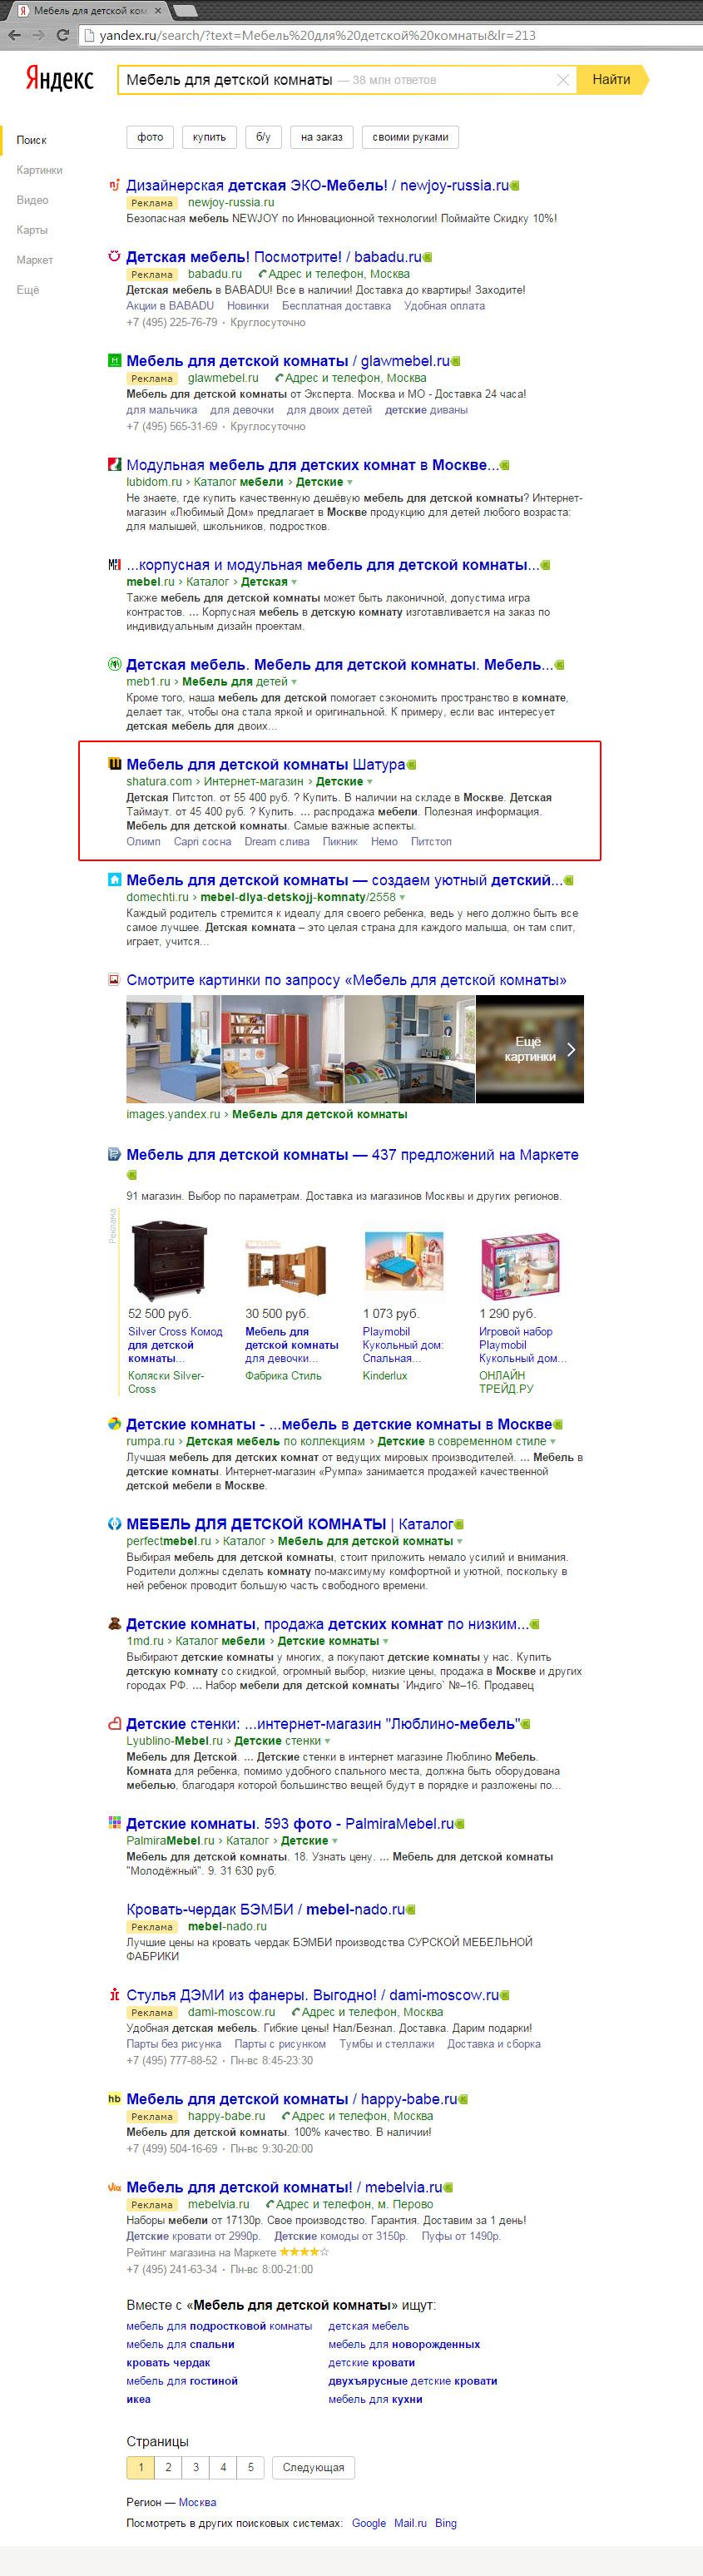 Мебель для детской комнаты, Москва и область / Яндекс (4-место)